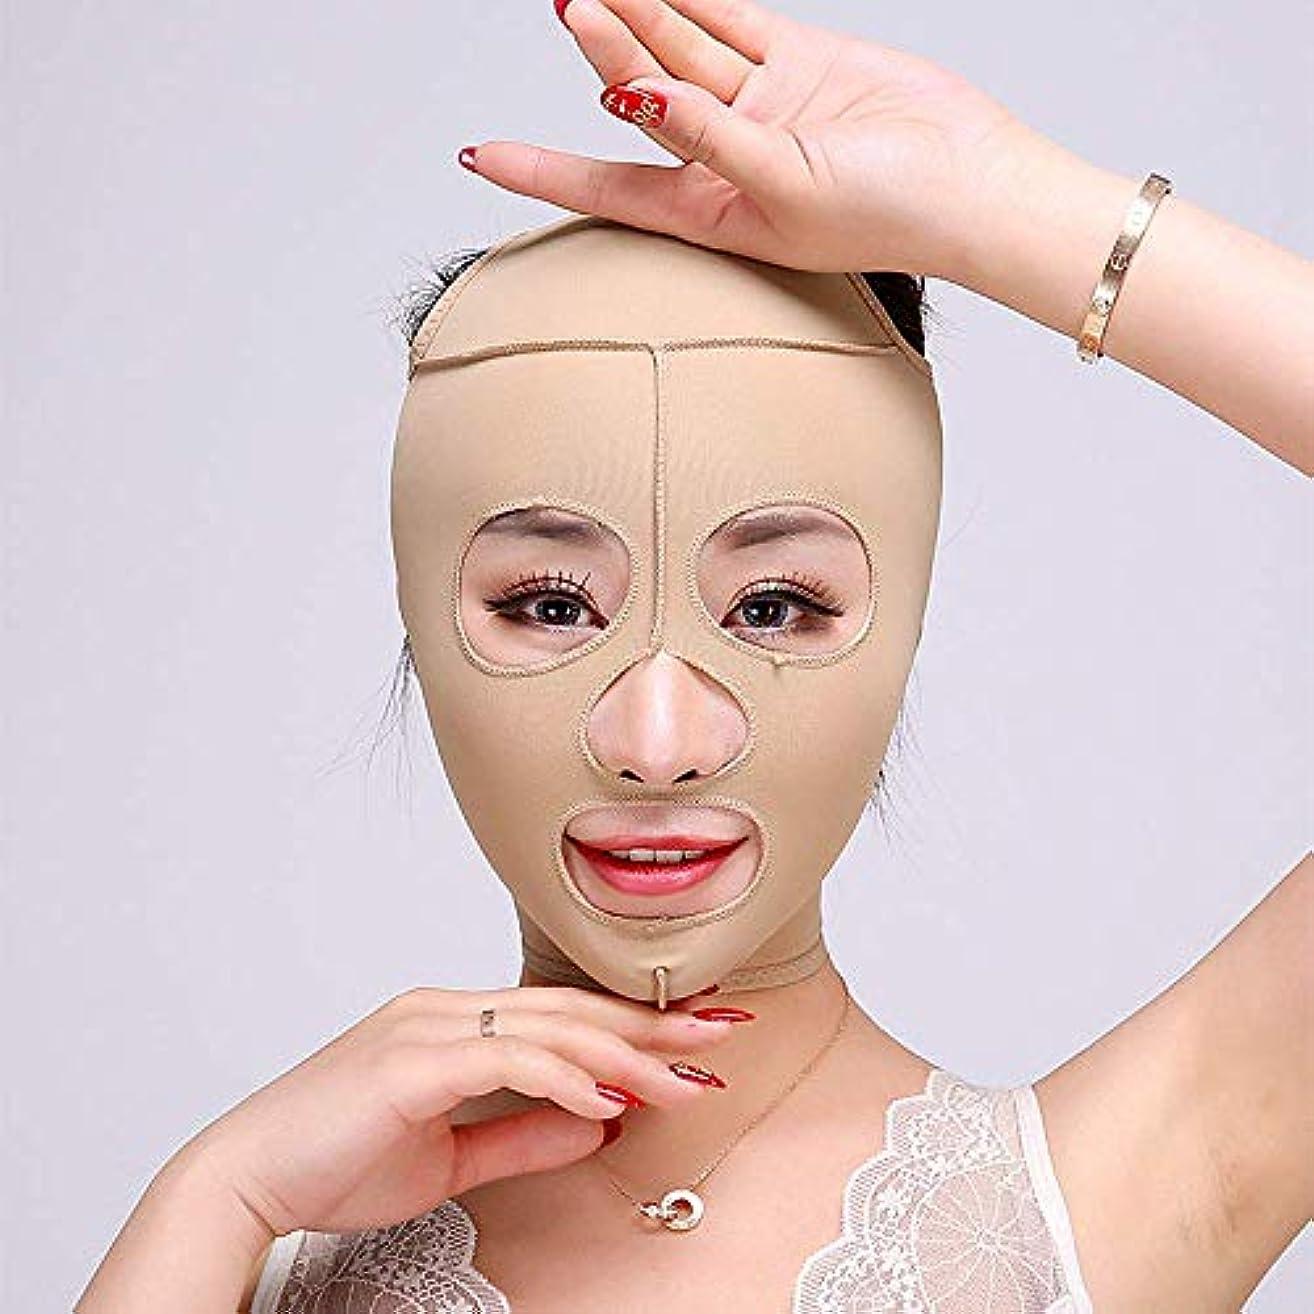 公然とガチョウバリア肌に優しい睡眠用の薄い顔の包帯、小さなVの顔の包帯/フェイスマスク/リフティングフェイスファーミングダブルチン(色)